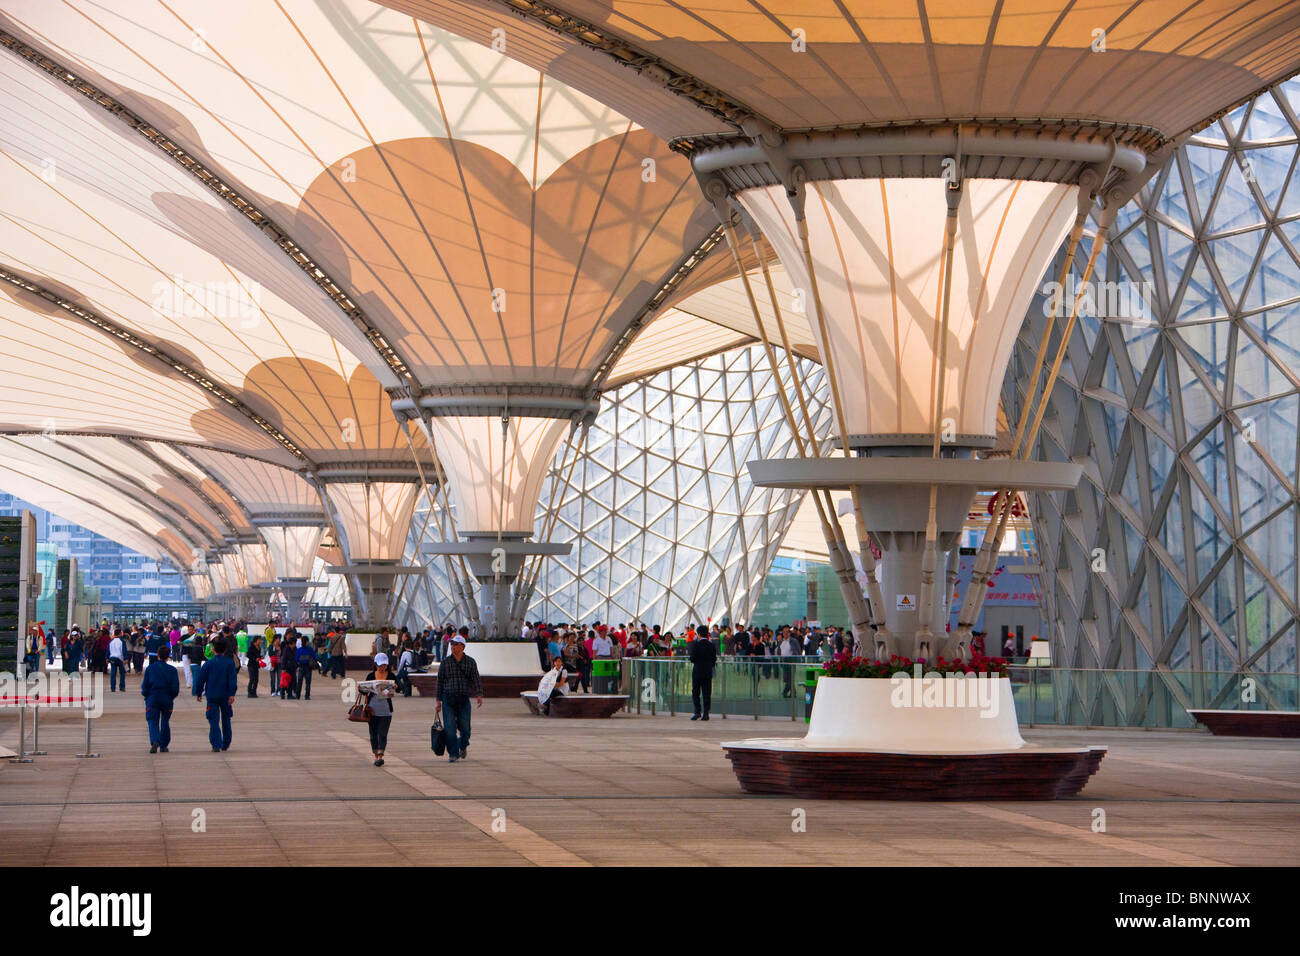 China Shanghai Expo Expo boulevard architecture world exhibit traveling tourism vacation holidays architecture - Stock Image